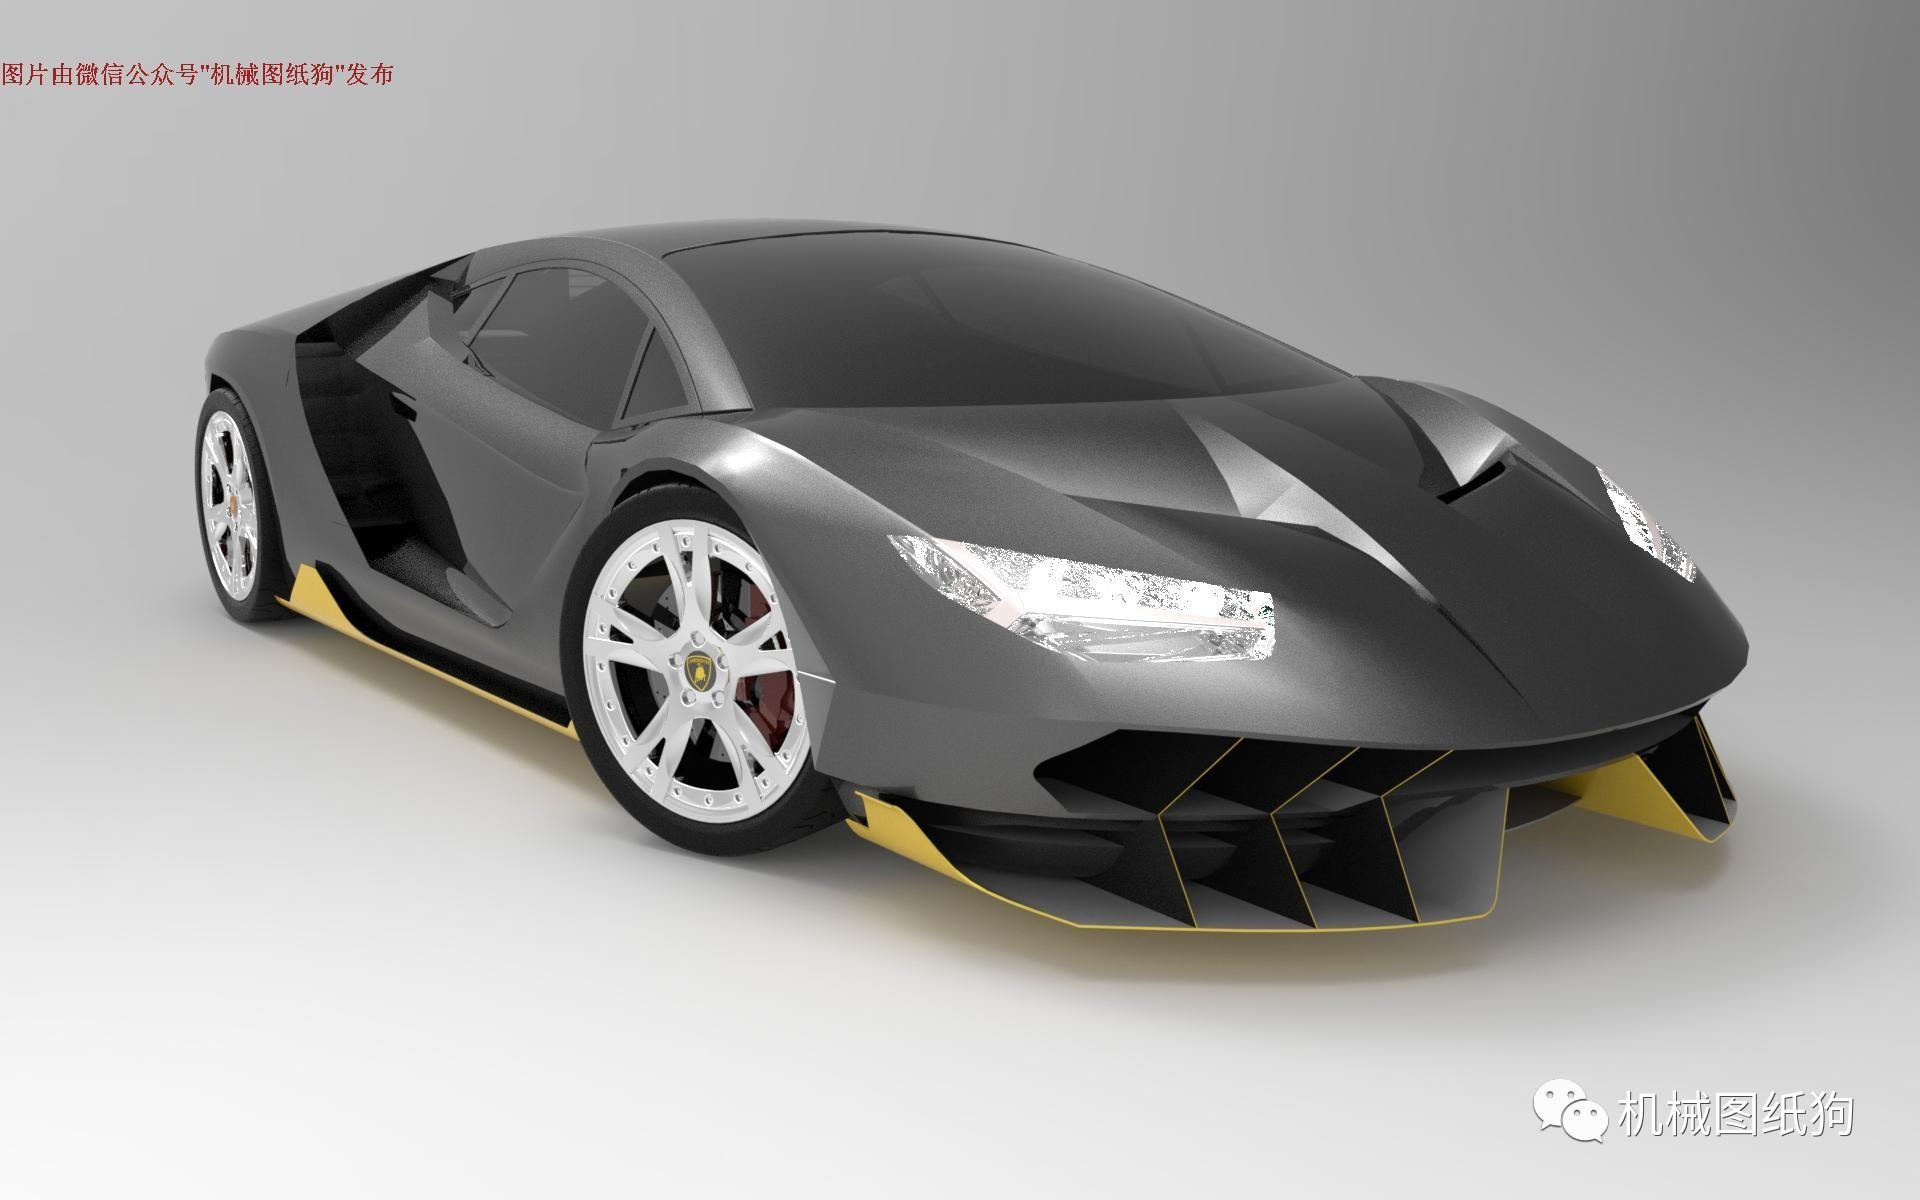 【汽车轿车】简易兰博基尼centenario 2017外形模型3d图纸 solidworks